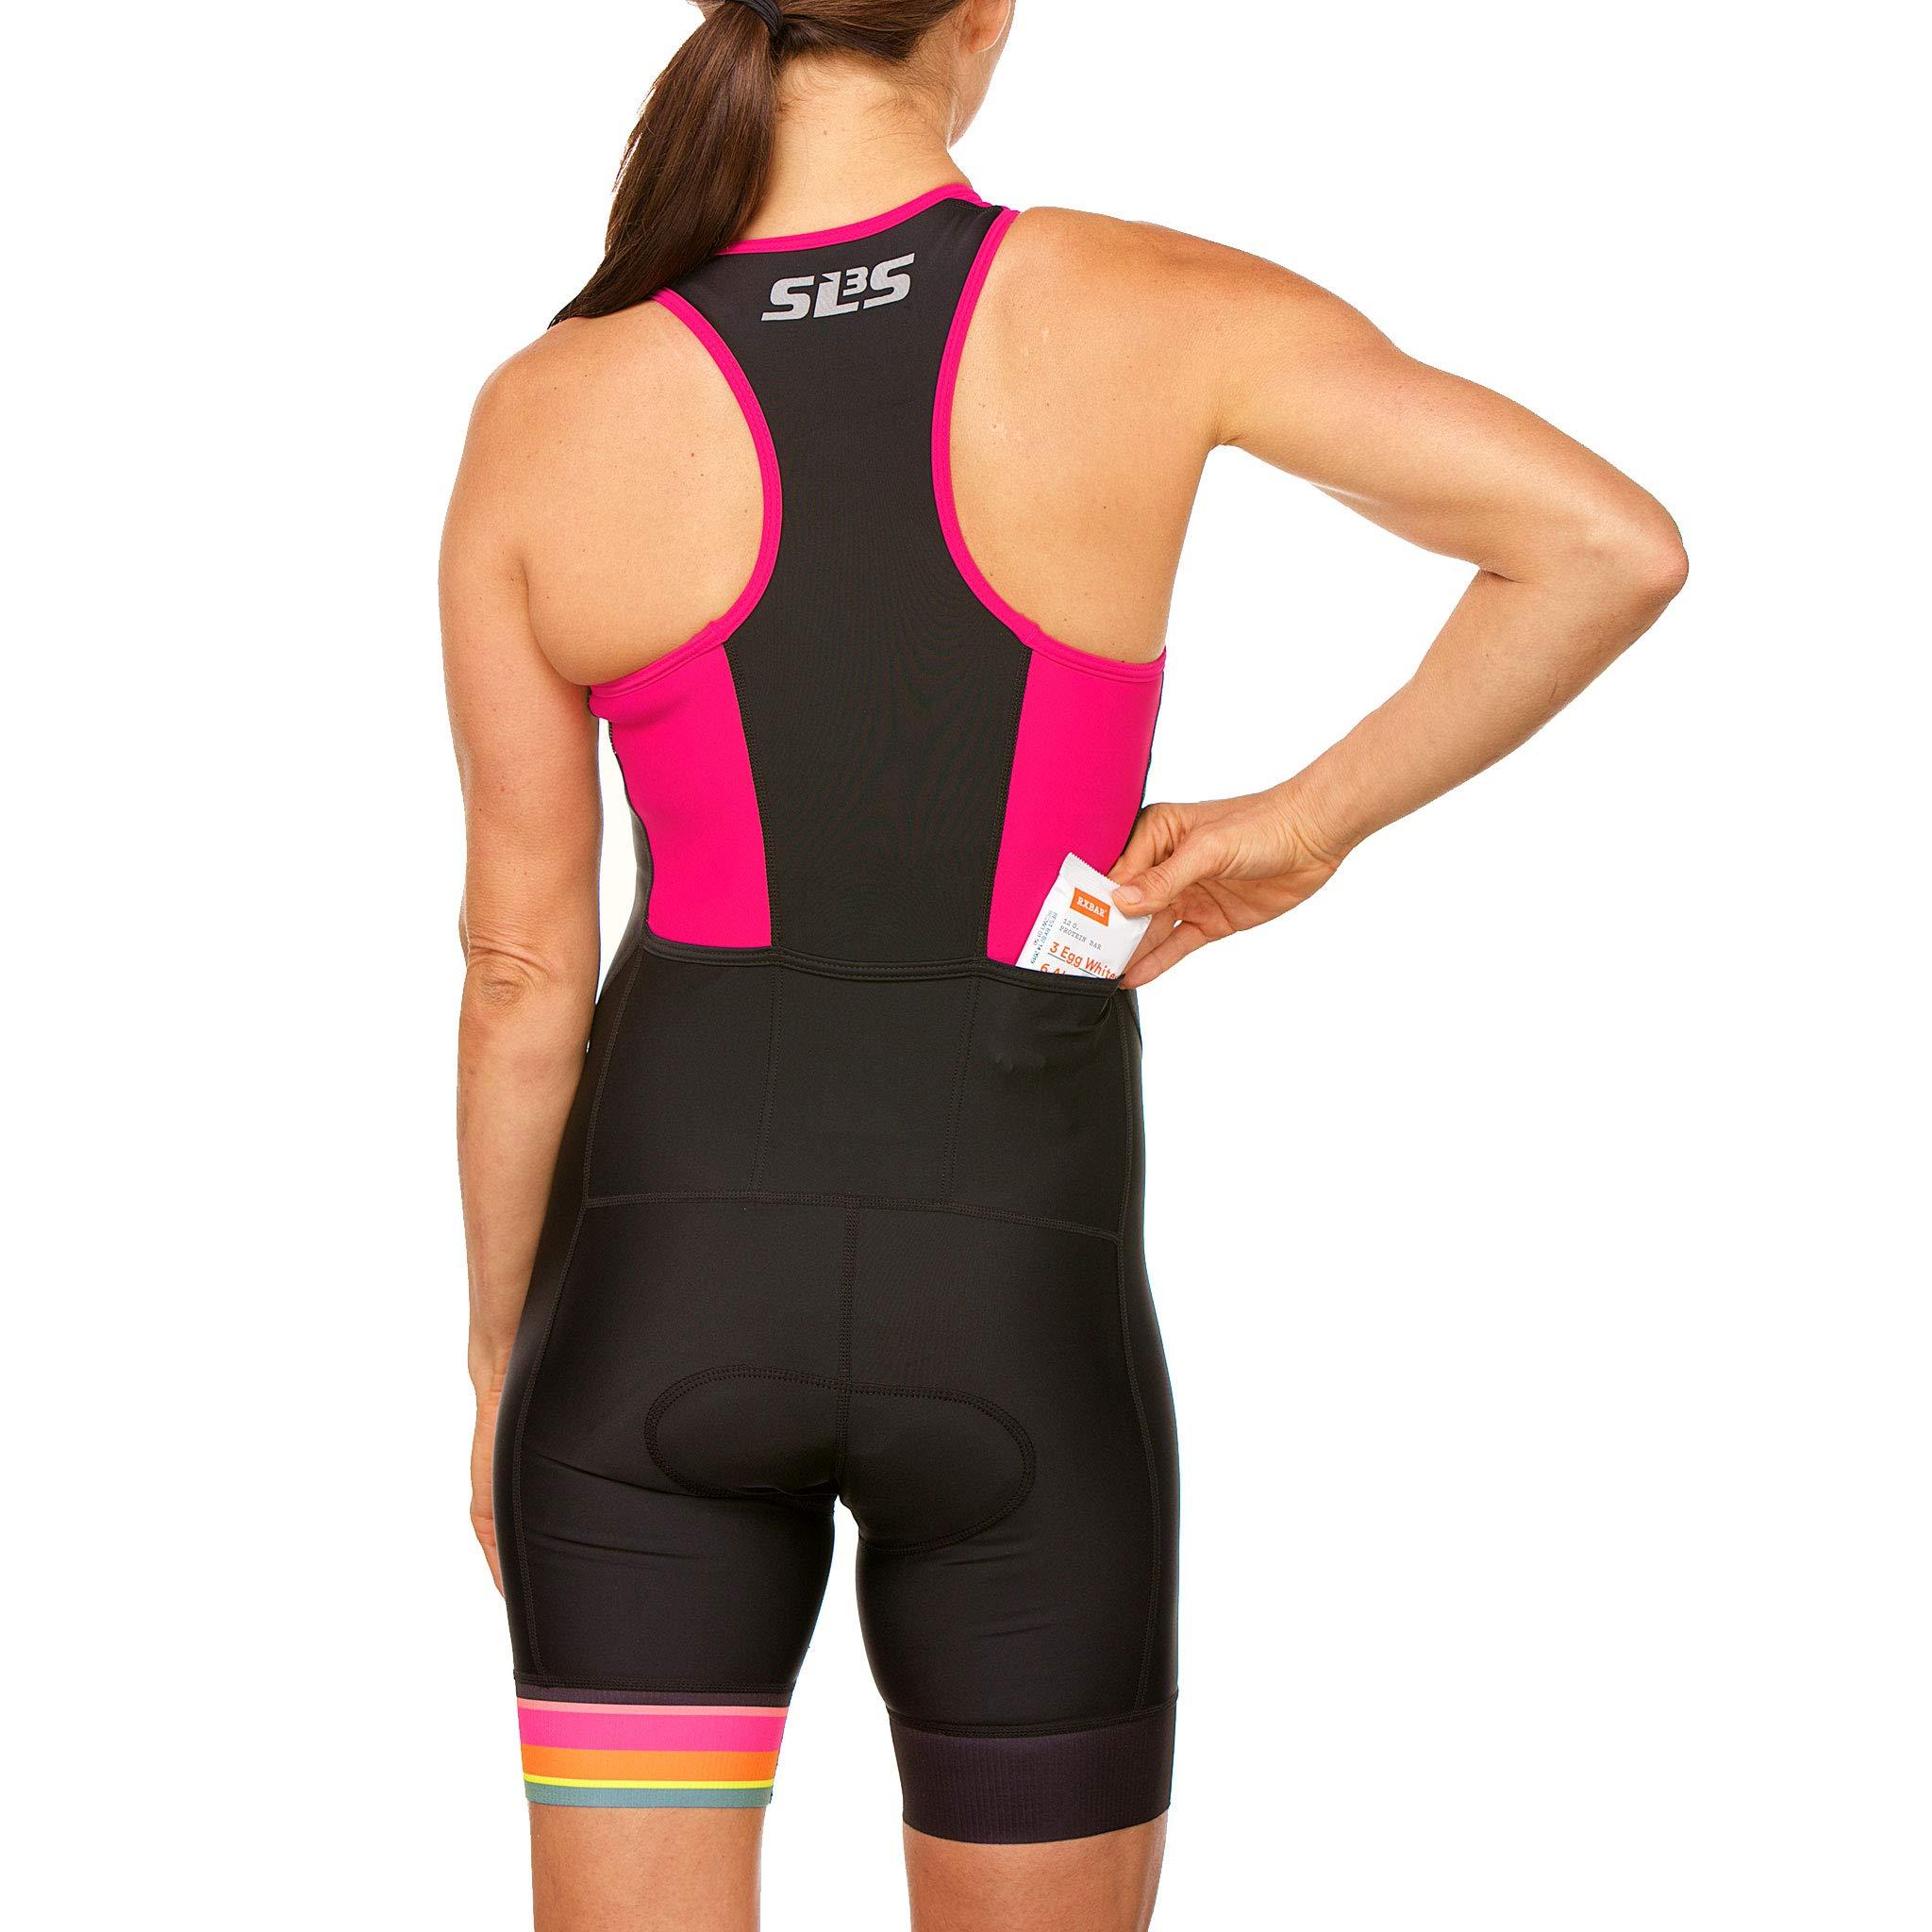 SLS3 Women`s Triathlon Tri Race Suit FRT | Womens Trisuit | Back Pocket Triathlon Suits | Anti-Friction Seams | German Designed (Black/Bright Rose, L) by SLS3 (Image #8)